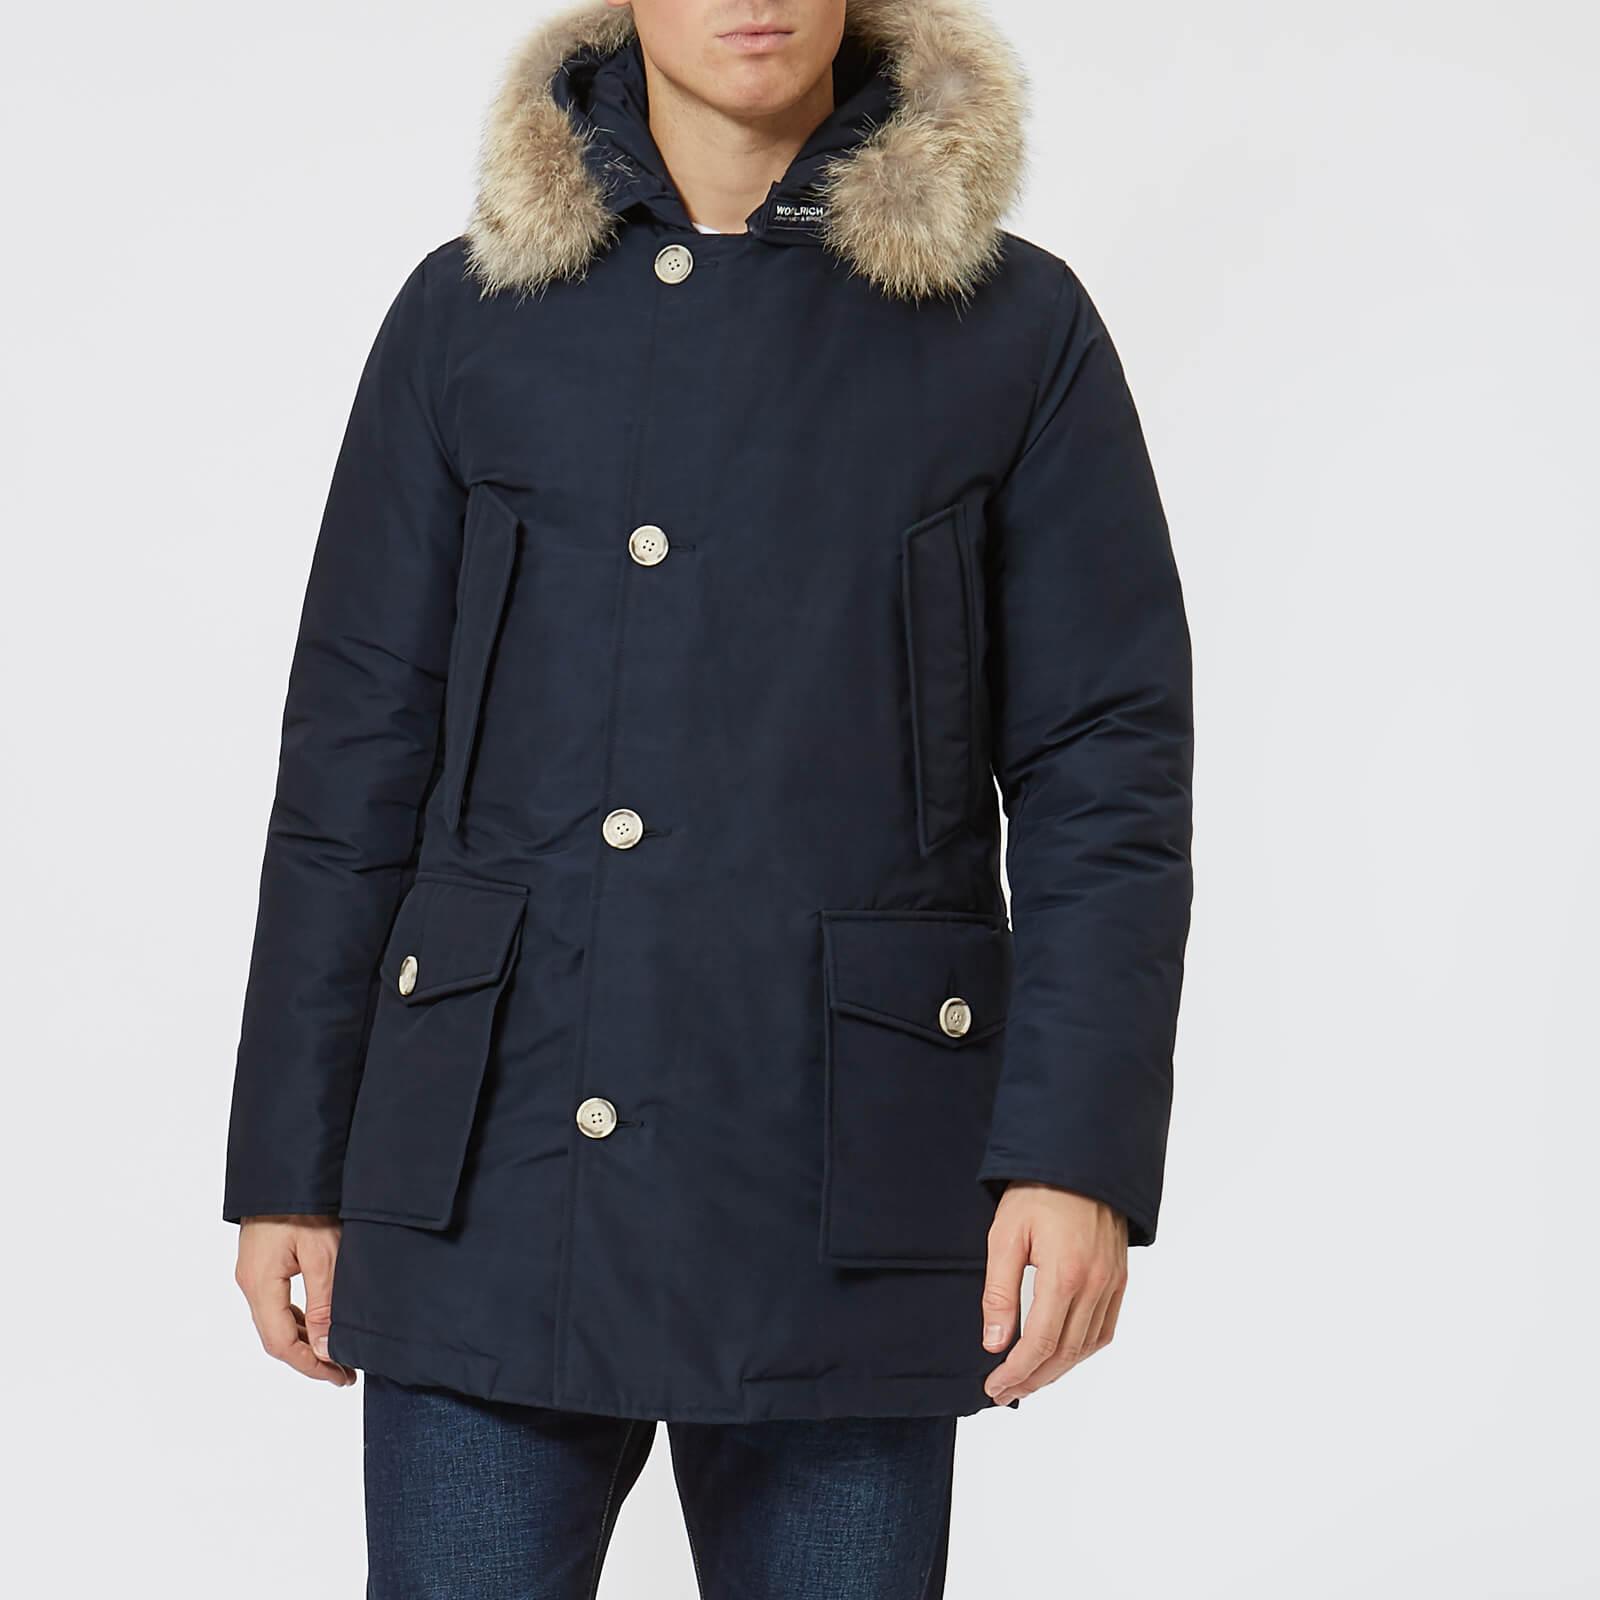 buy online 789ff 70360 Woolrich Men's Arctic Parka - Melton Blue